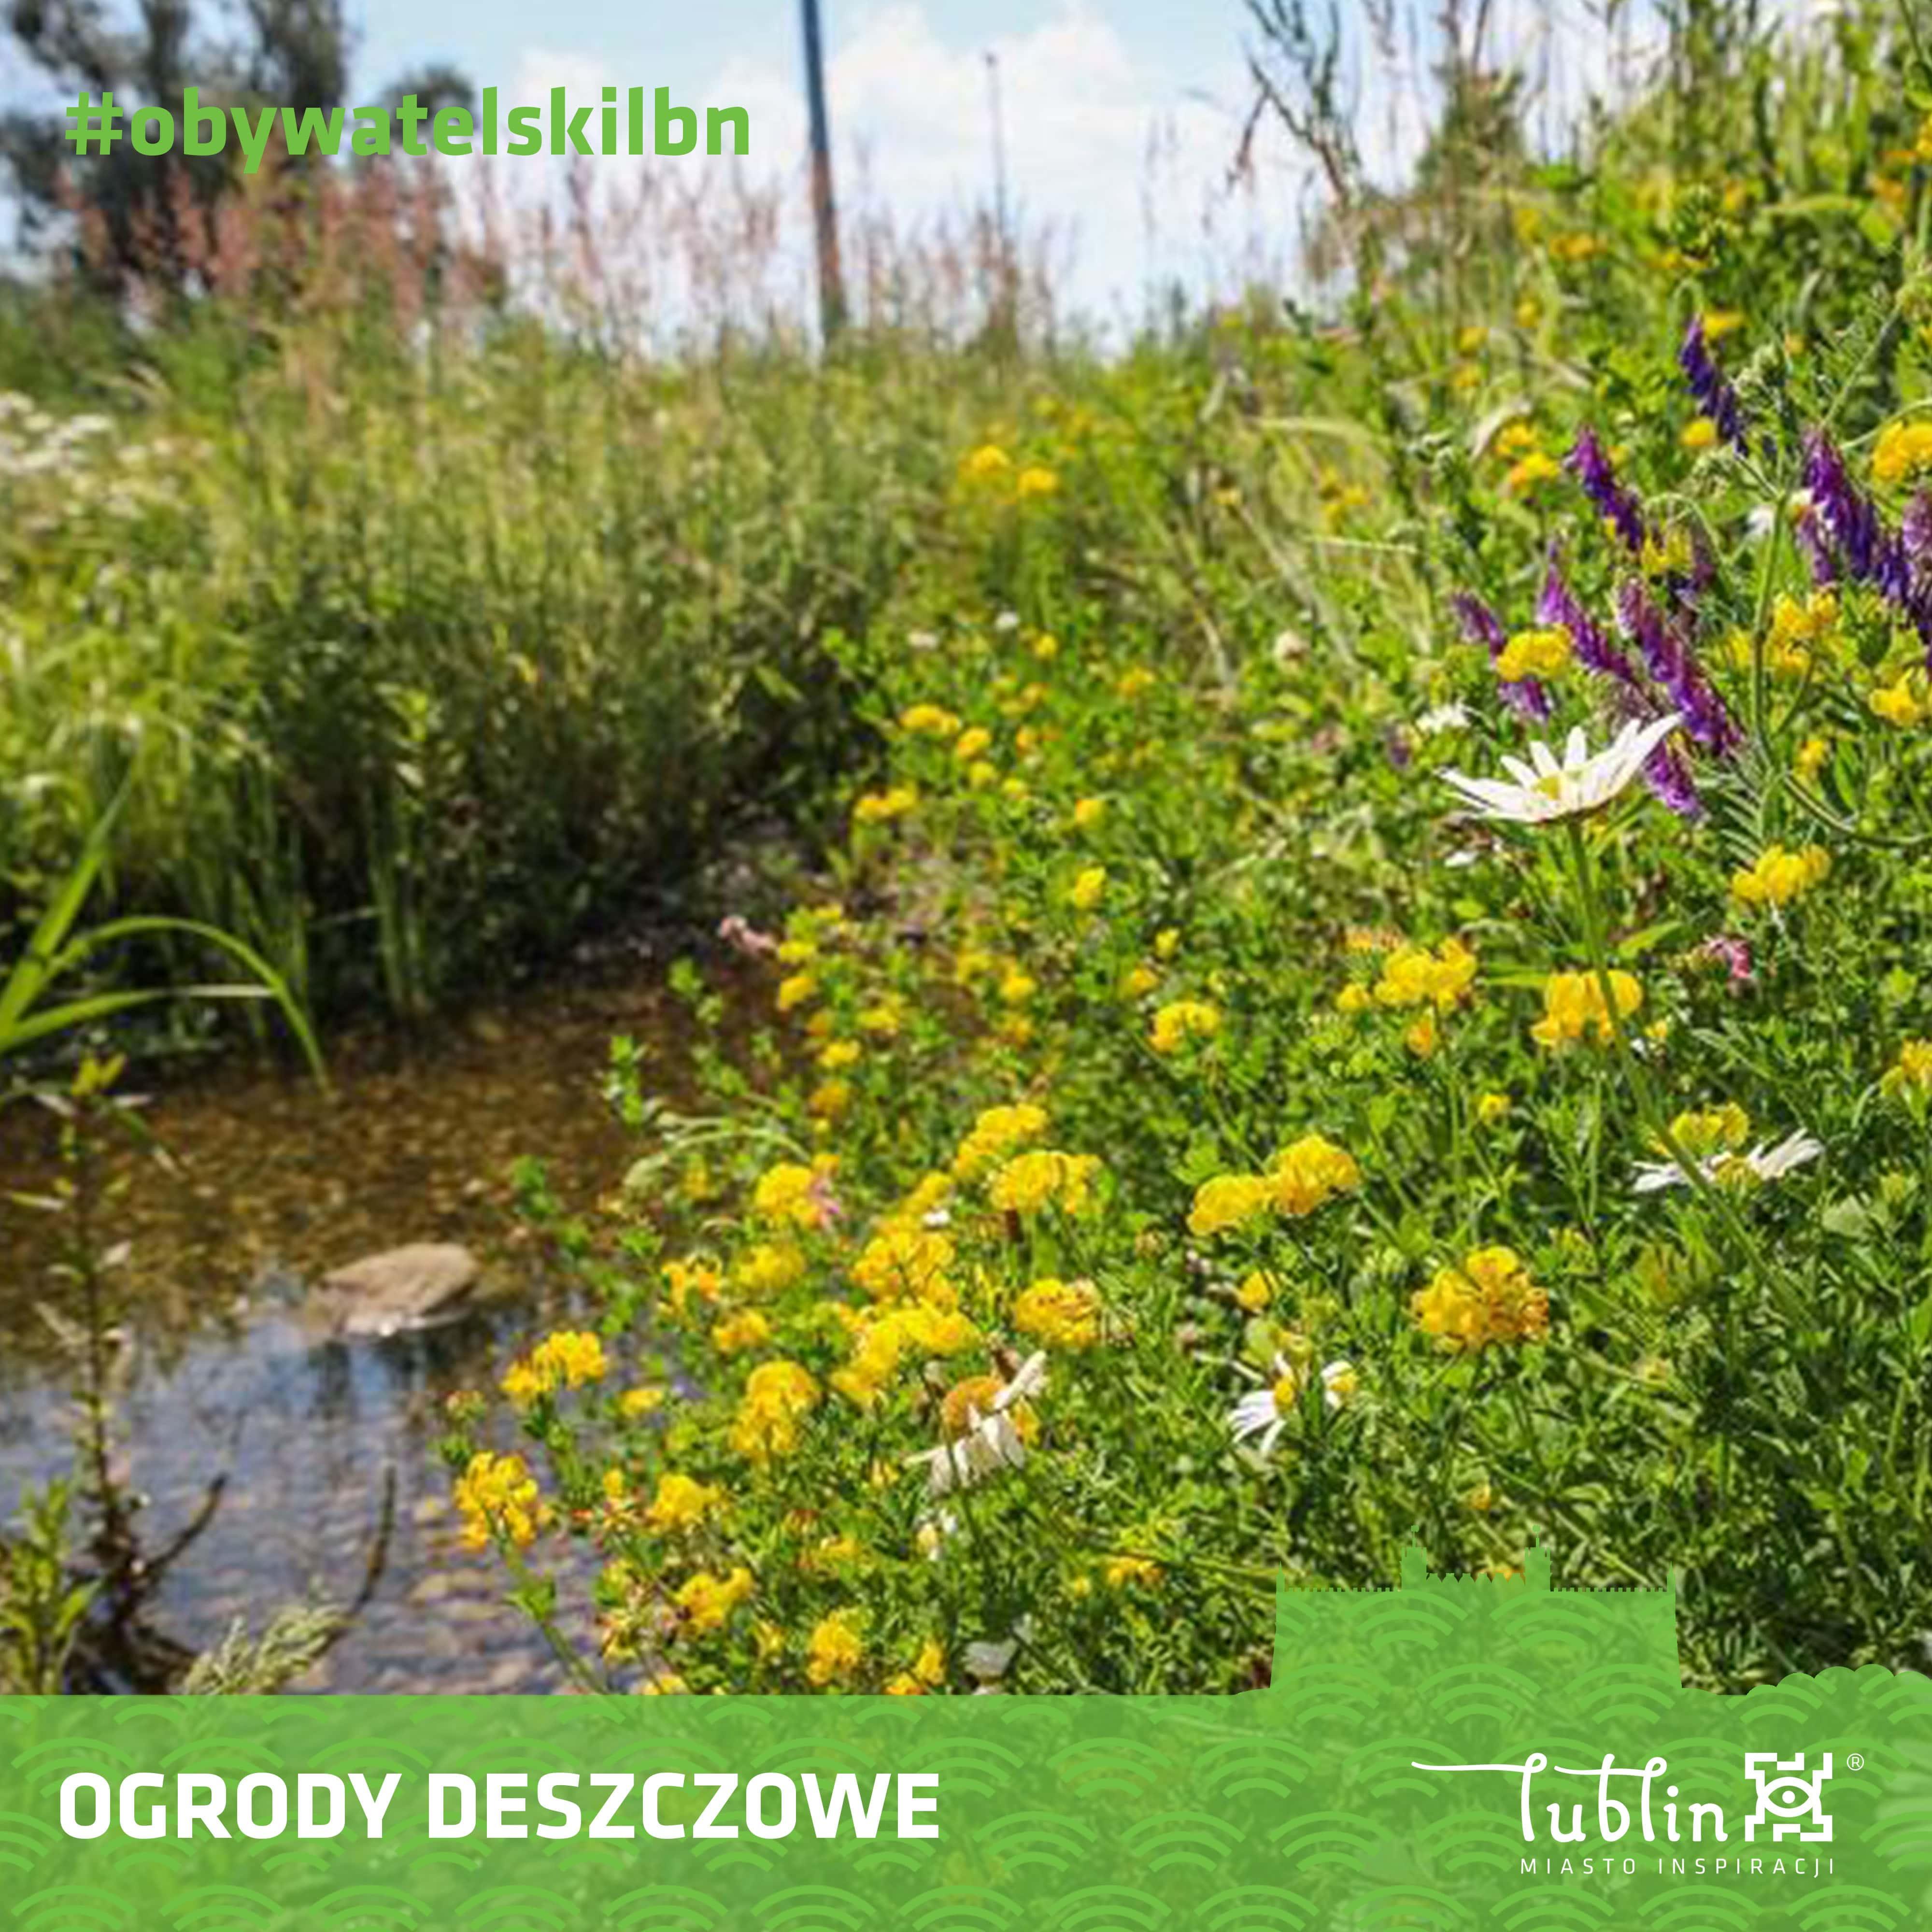 W Lublinie powstaną ogrody deszczowe. Trwa nabór ofert - Zdjęcie główne